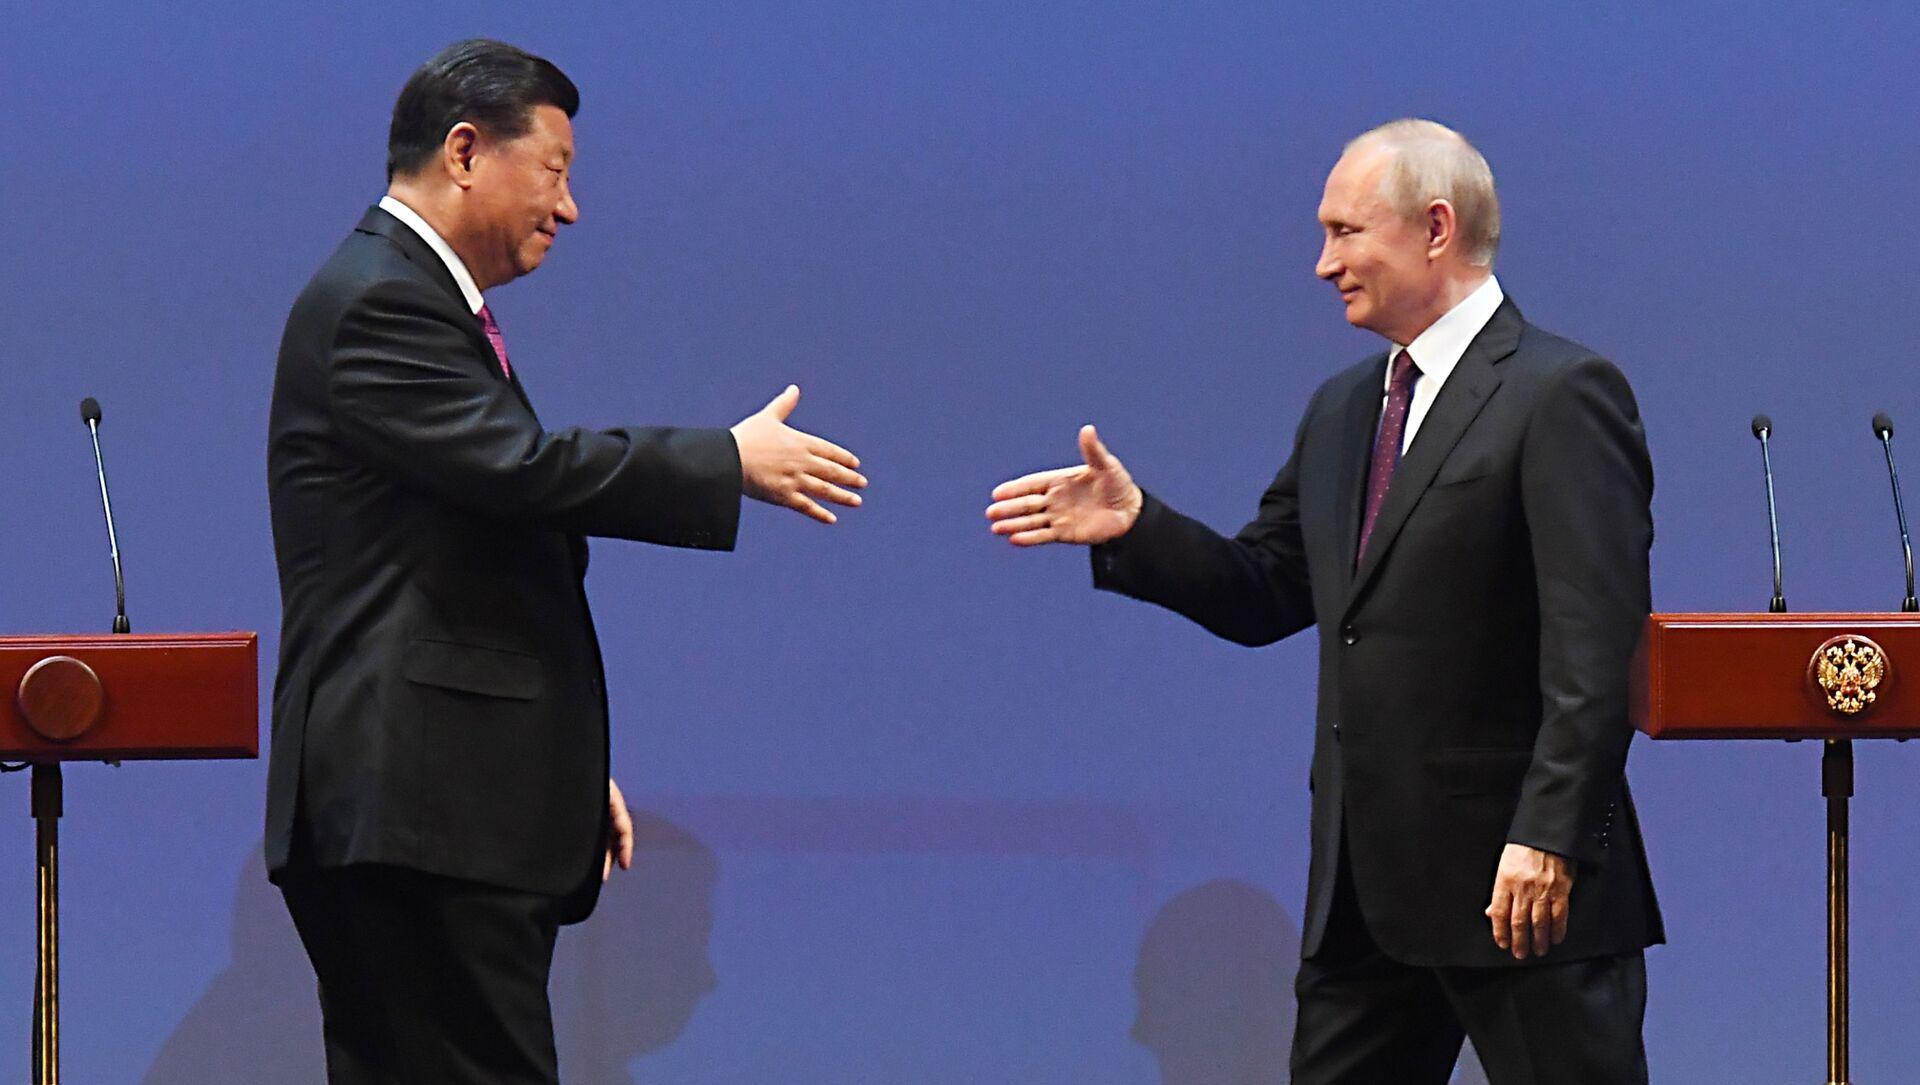 Chủ tịch Trung Quốc Tập Cận Bình và Tổng thống Nga Vladimir Putin tại buổi dạ tiệc kỷ niệm 70 năm thiết lập quan hệ ngoại giao giữa Nga và Trung Quốc - Sputnik Việt Nam, 1920, 18.08.2021